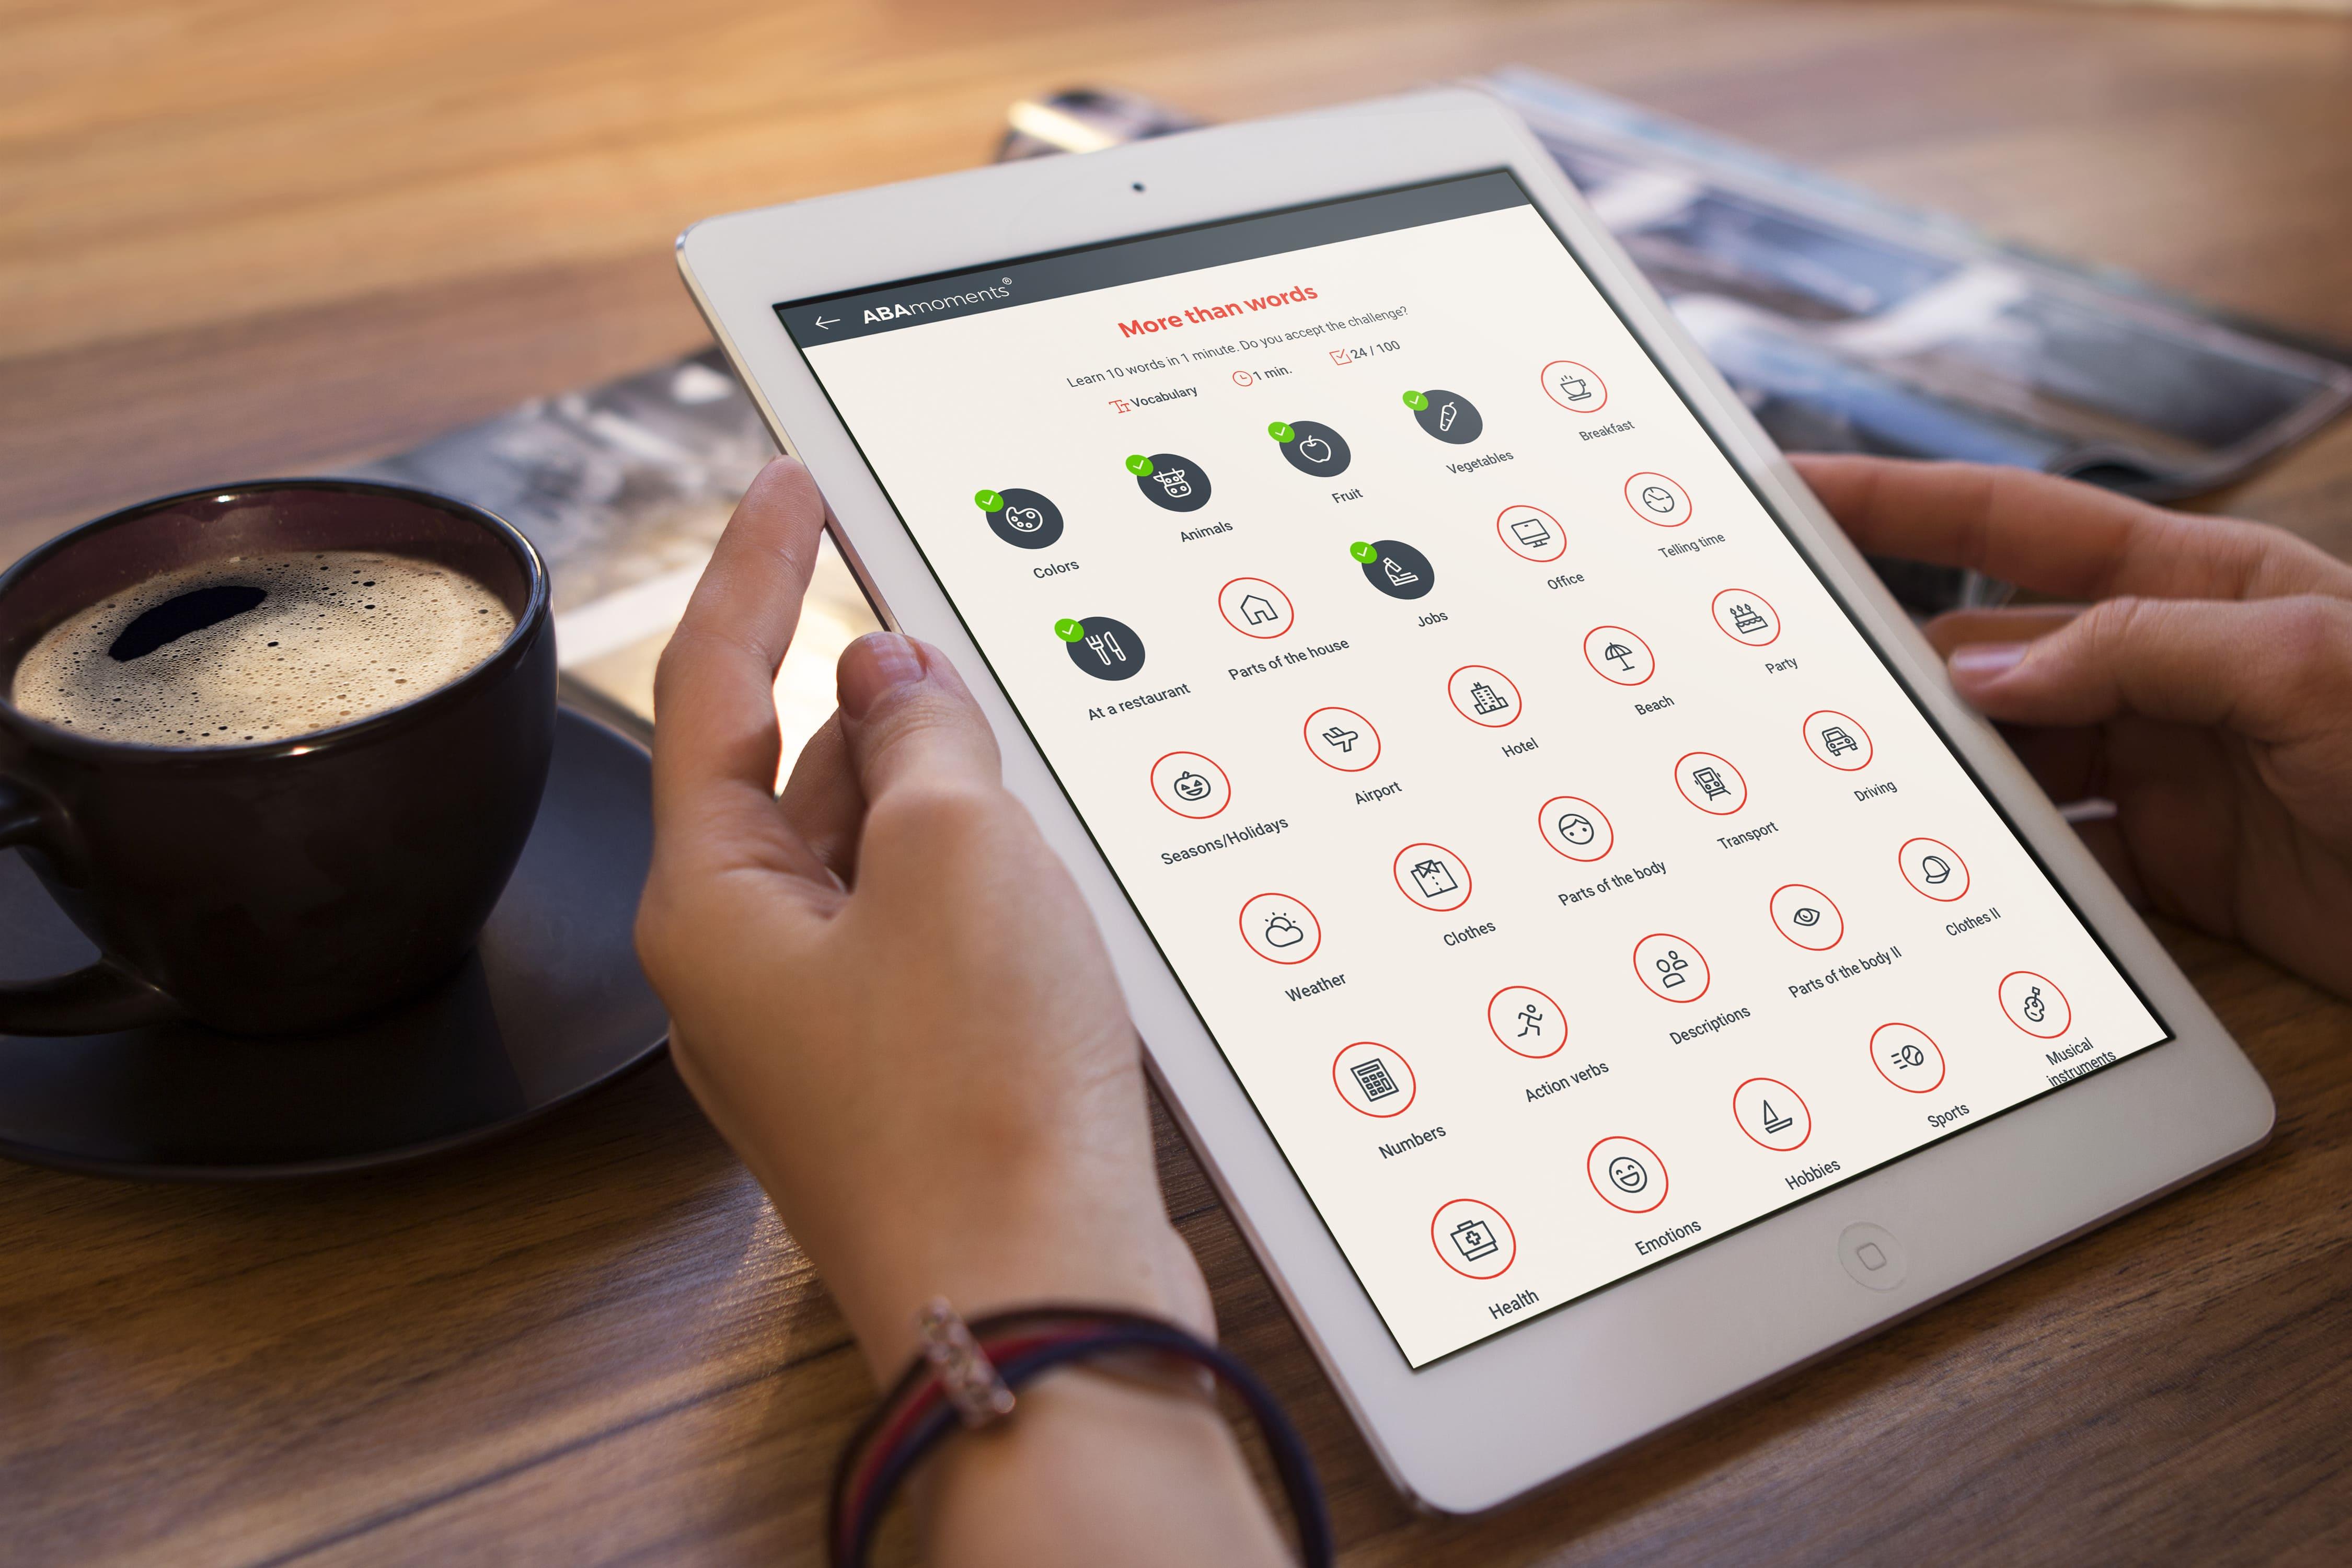 Exemplo da atividade More than words no app do curso intensivo de inglês online da ABA English em um tablet.